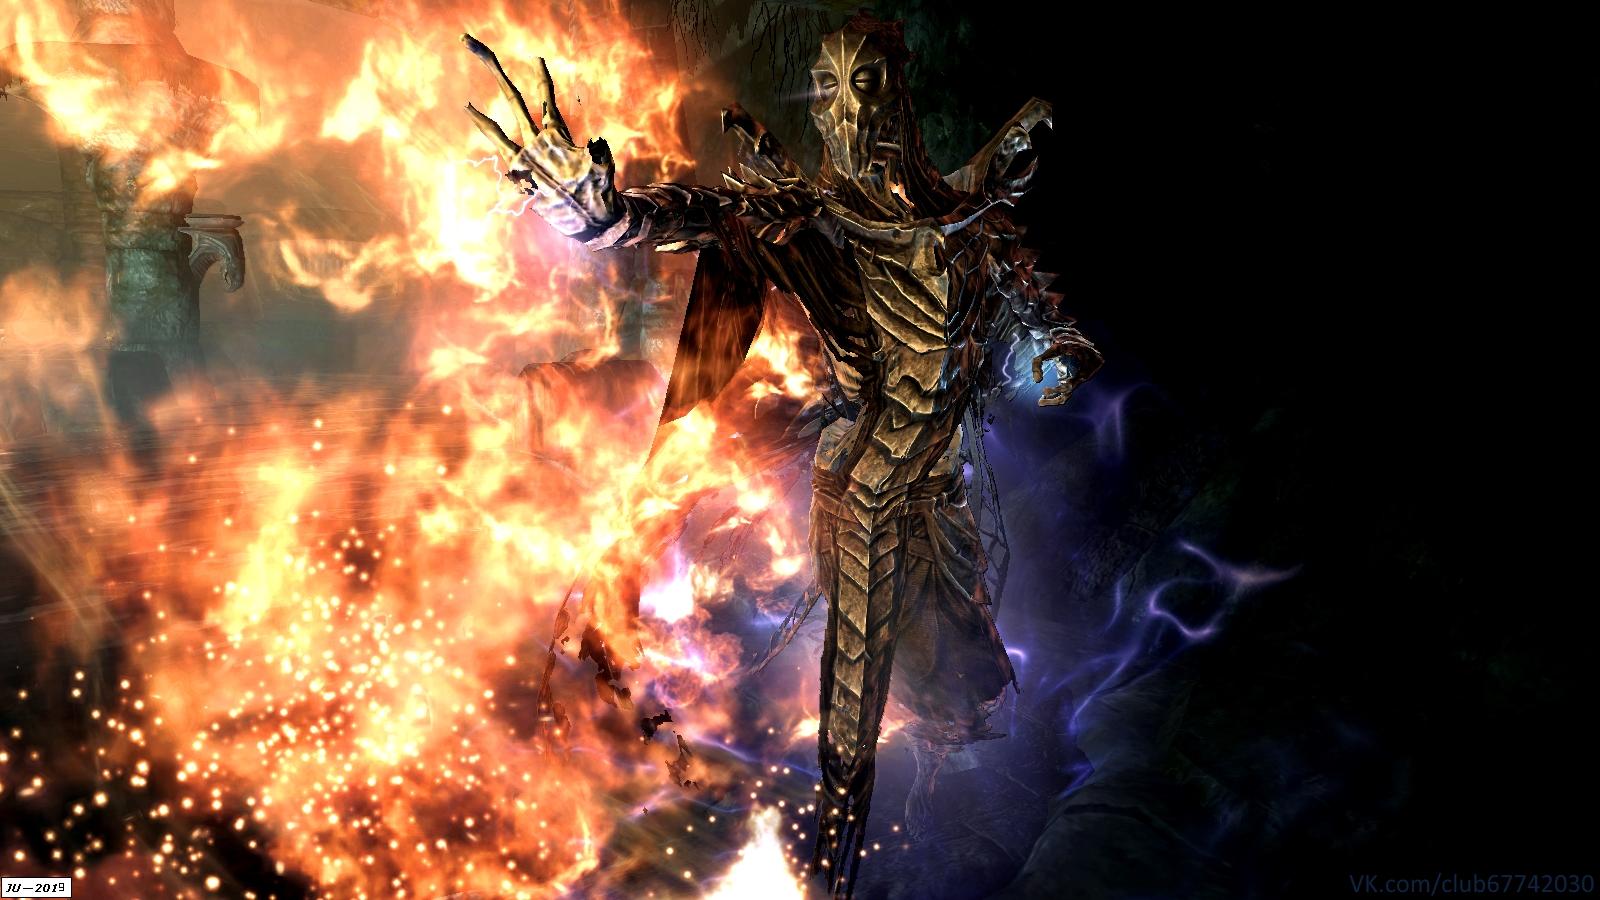 Закрисош из кургана Бладскал. - Elder Scrolls 5: Skyrim, the Закрисош